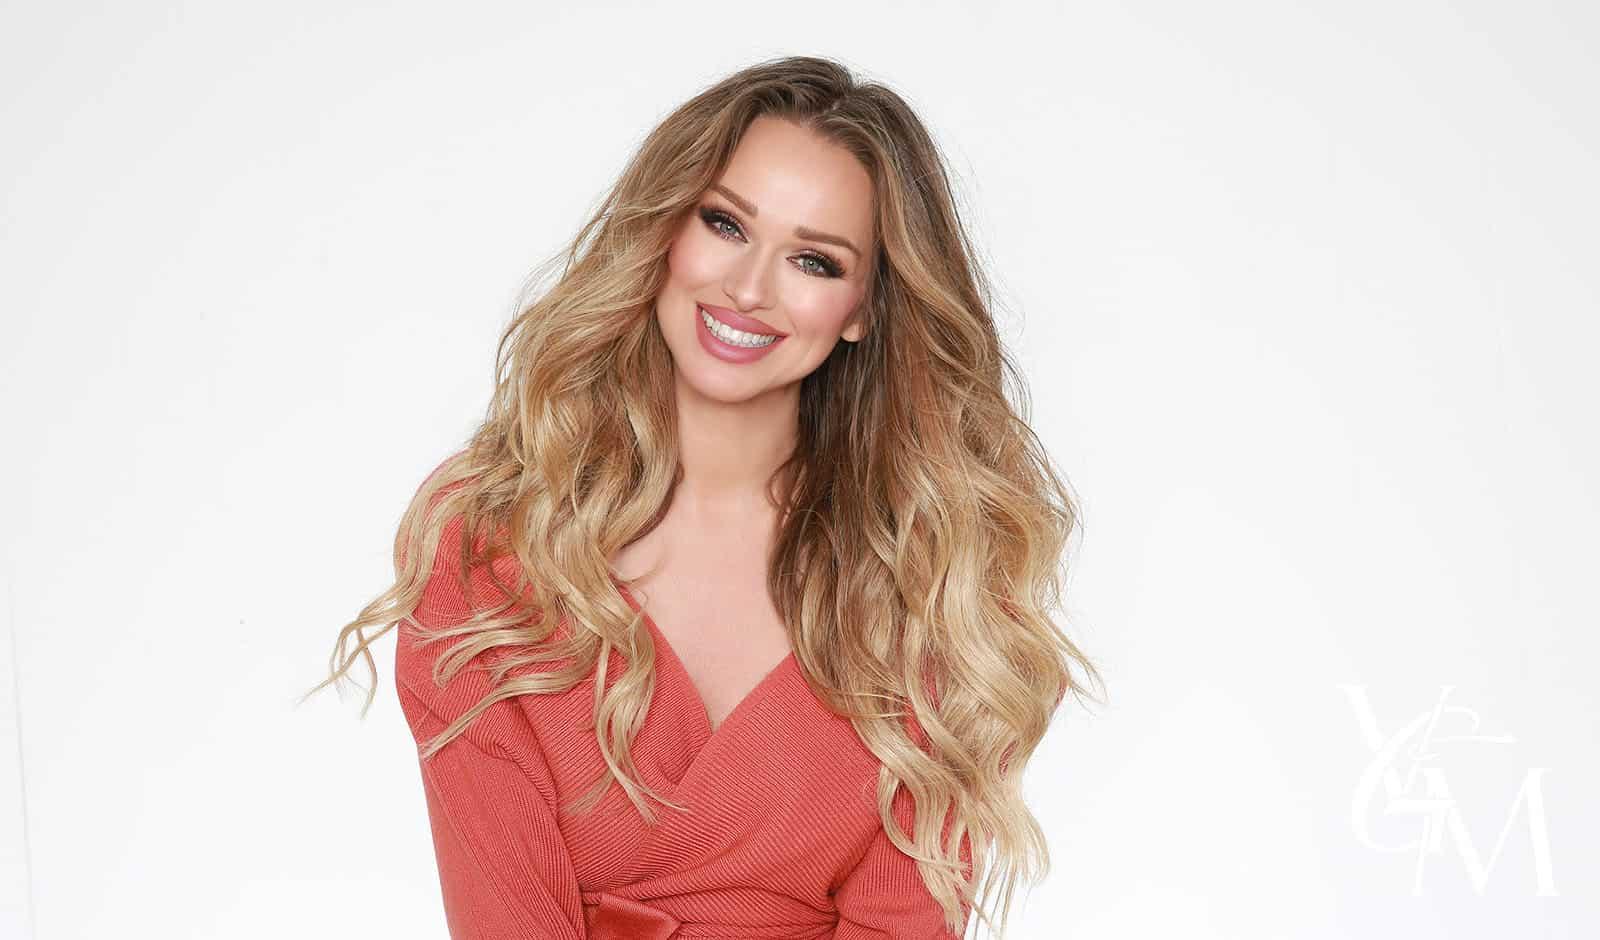 Makeup Tips For Blondes - VIVA GLAM MAGAZINE™